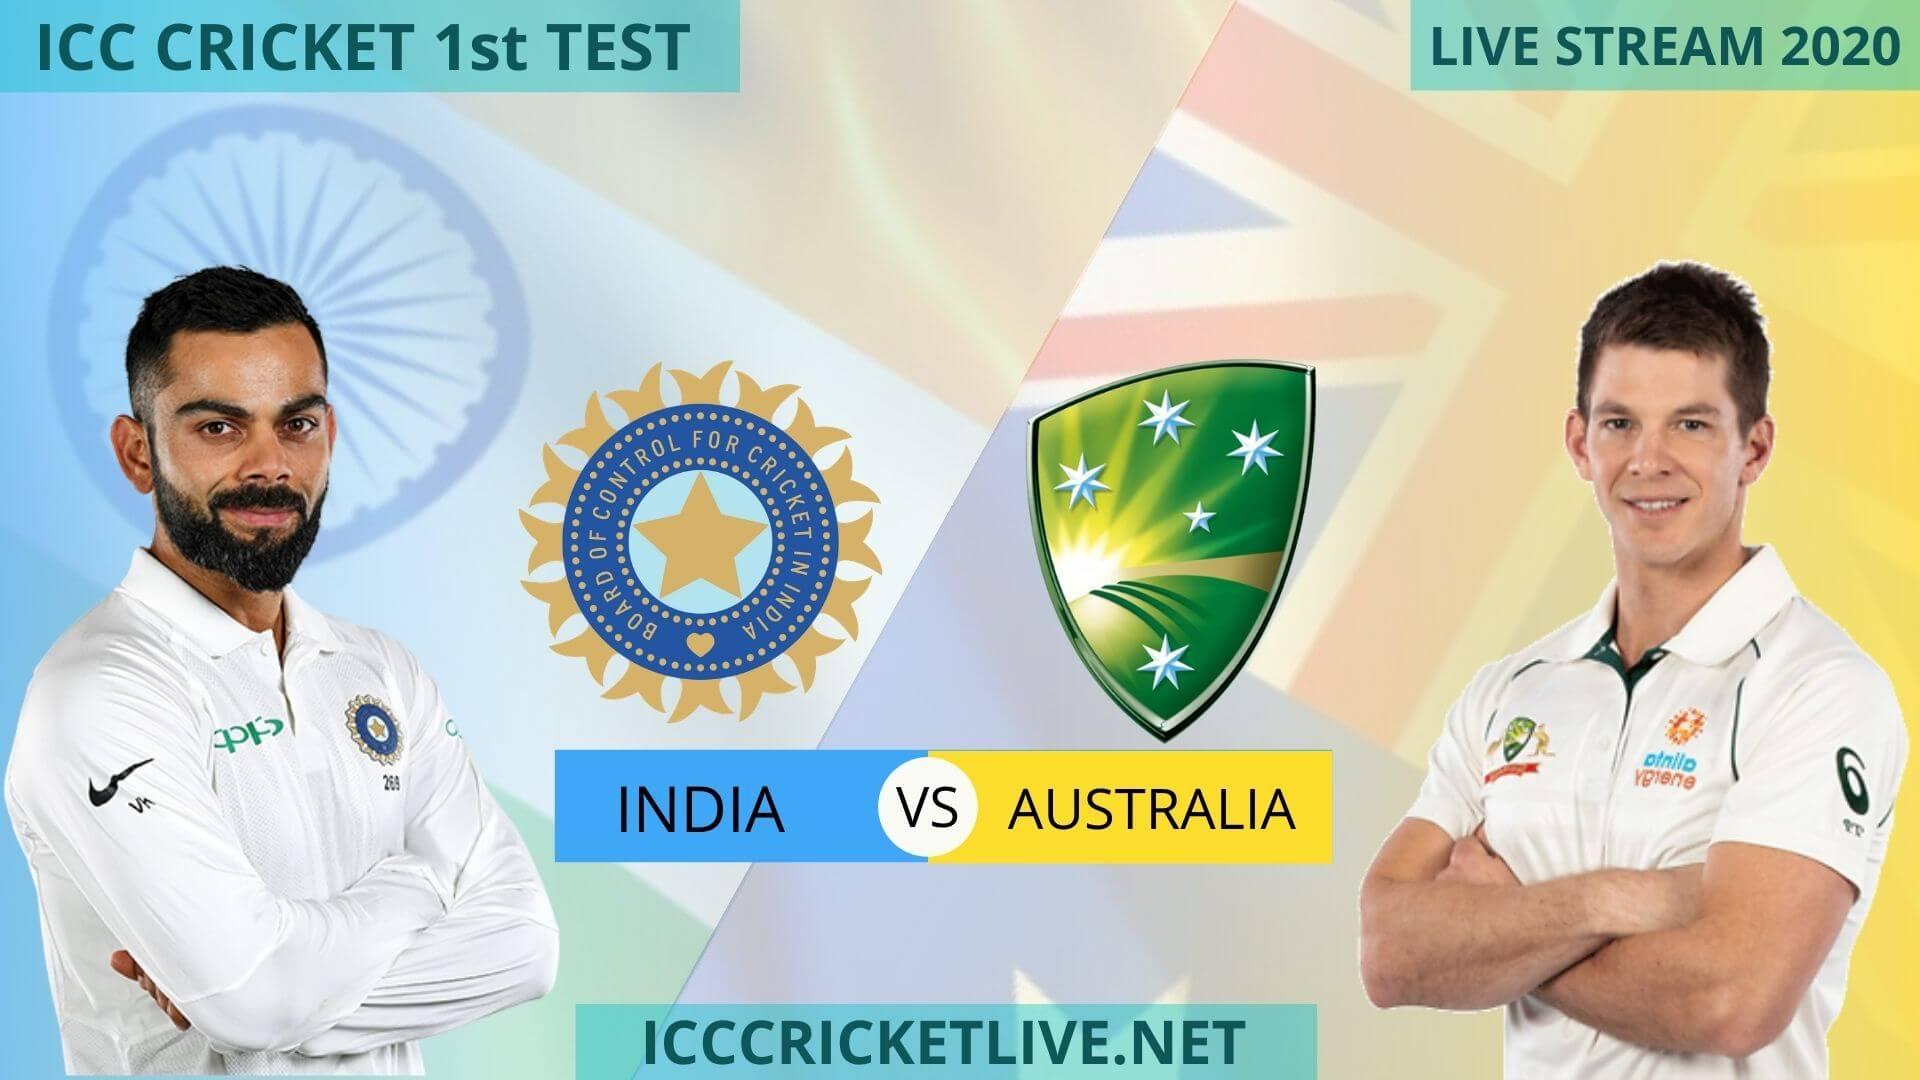 India Vs Australia Live Stream 2020 | 1st Test | Day 1